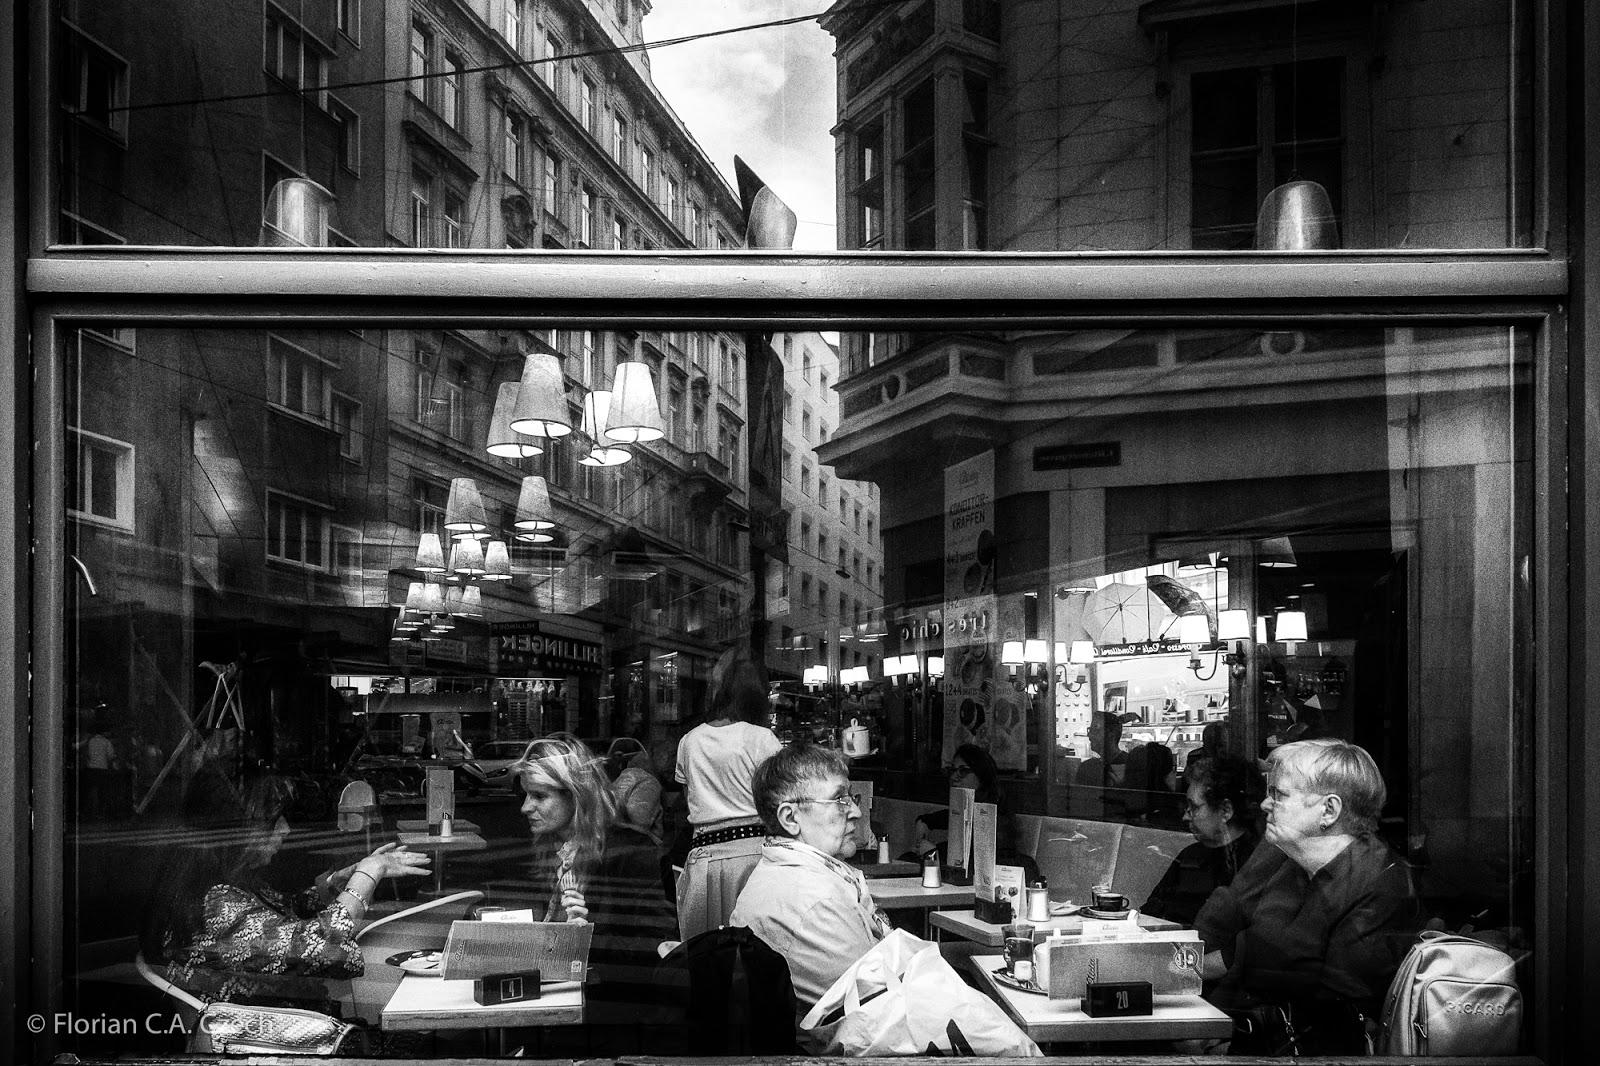 Eine Szene im Café schwarz weiss